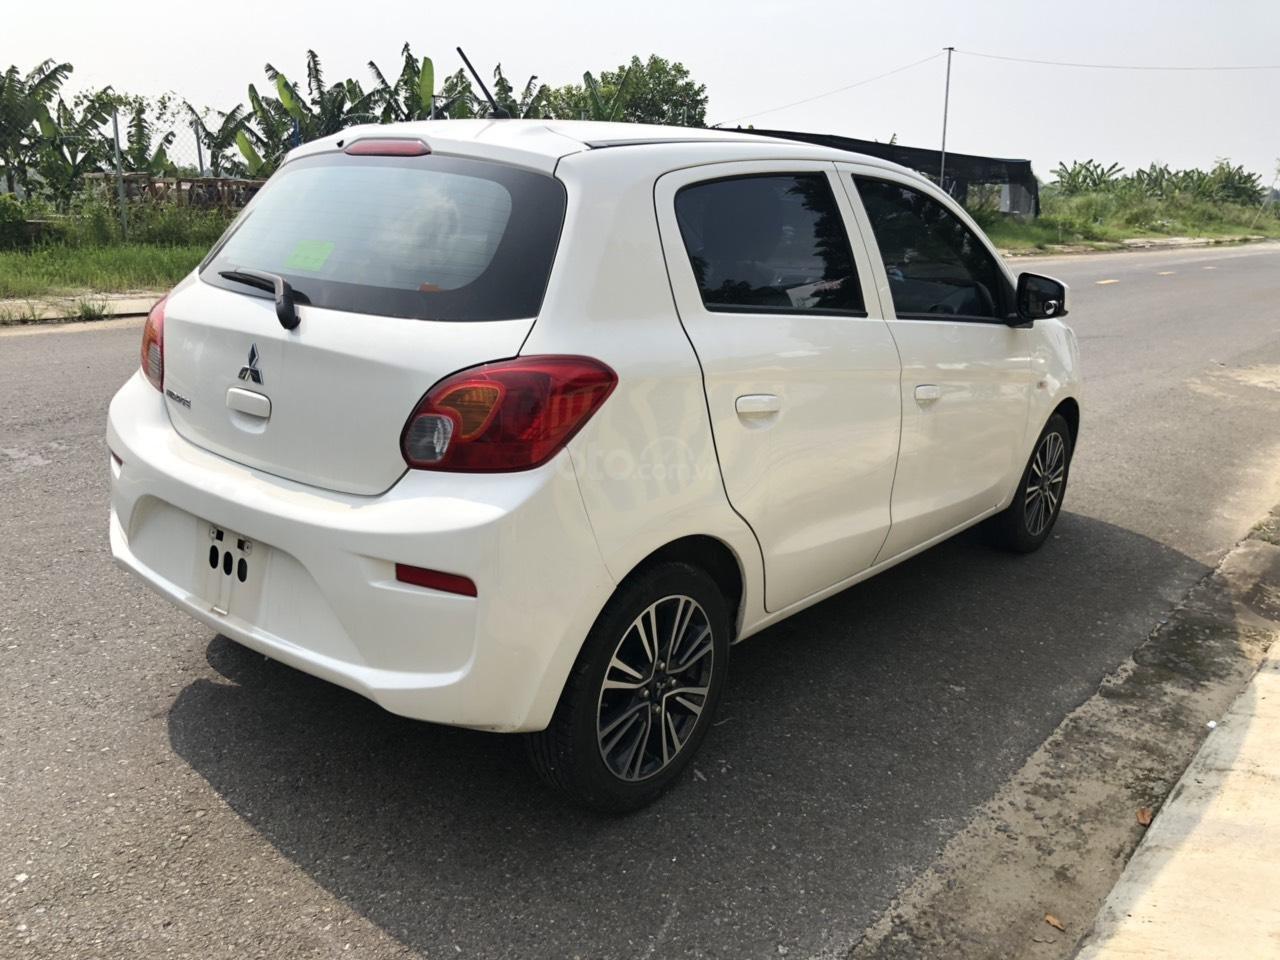 Cần bán gấp xe Mitsubishi Mirage năm 2018, màu trắng, nhập khẩu nguyên chiếc, LH: 0899877765 - 0935284855 (6)